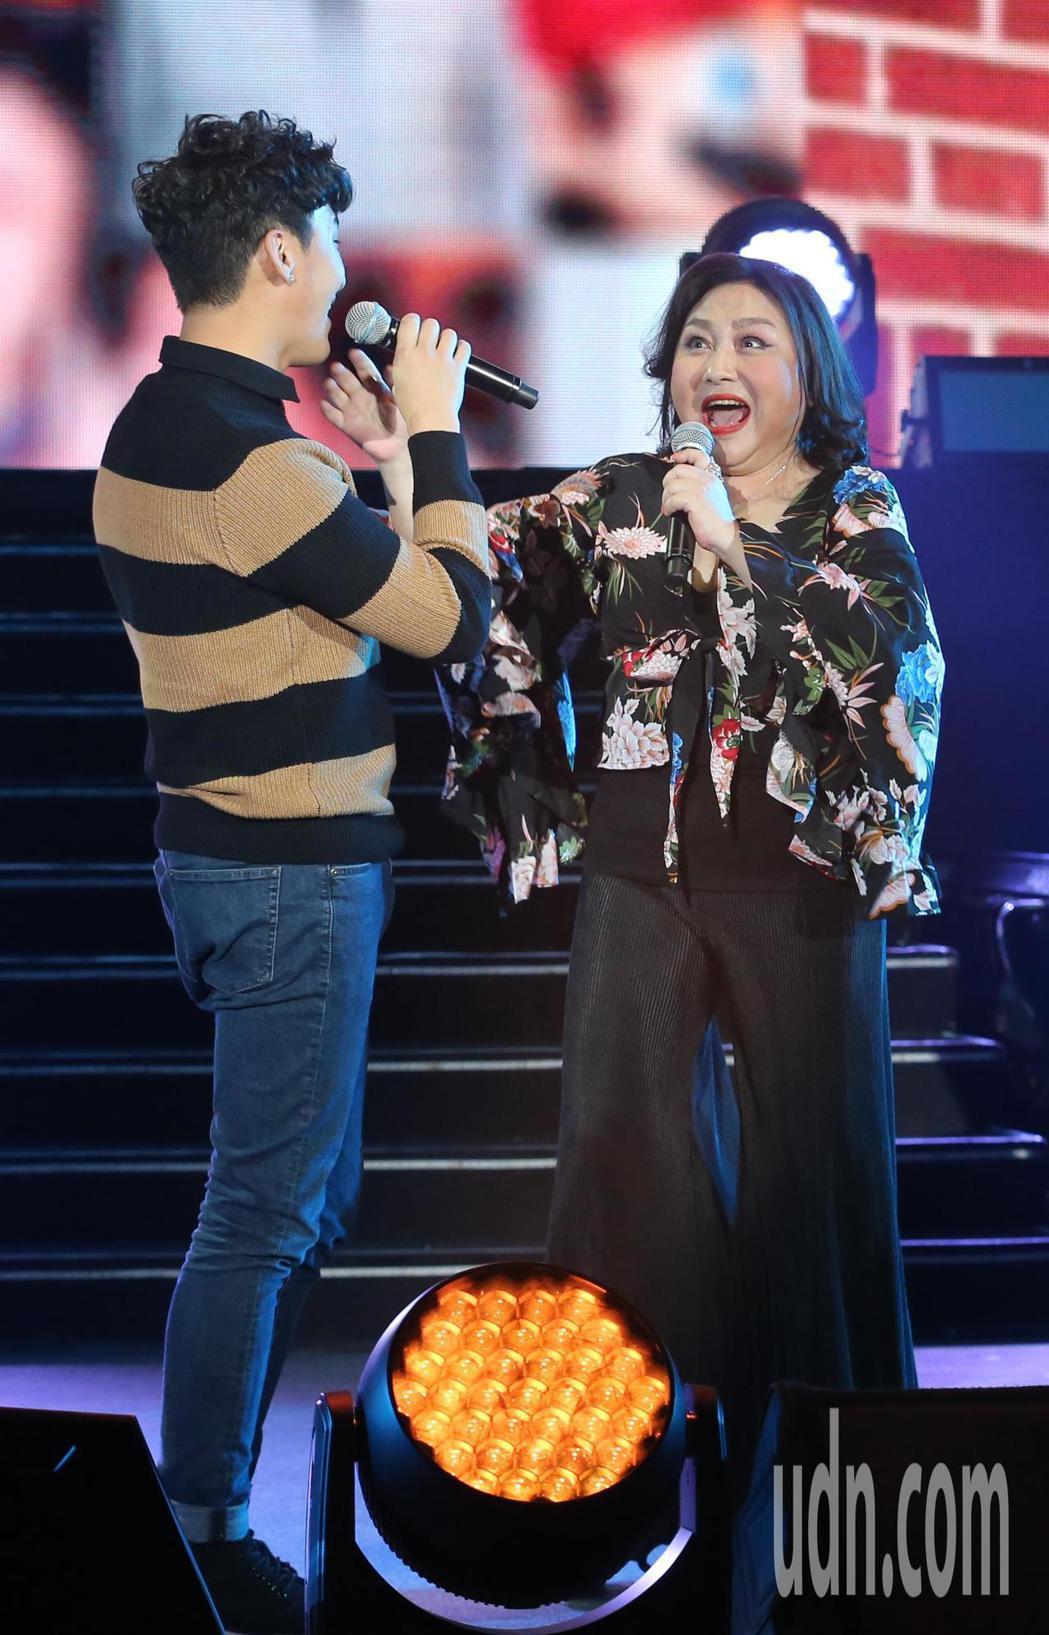 鄭怡(右)舉辦大型演唱會,她的兒子Randy(左)從加拿大秘密返台合唱,讓鄭怡相